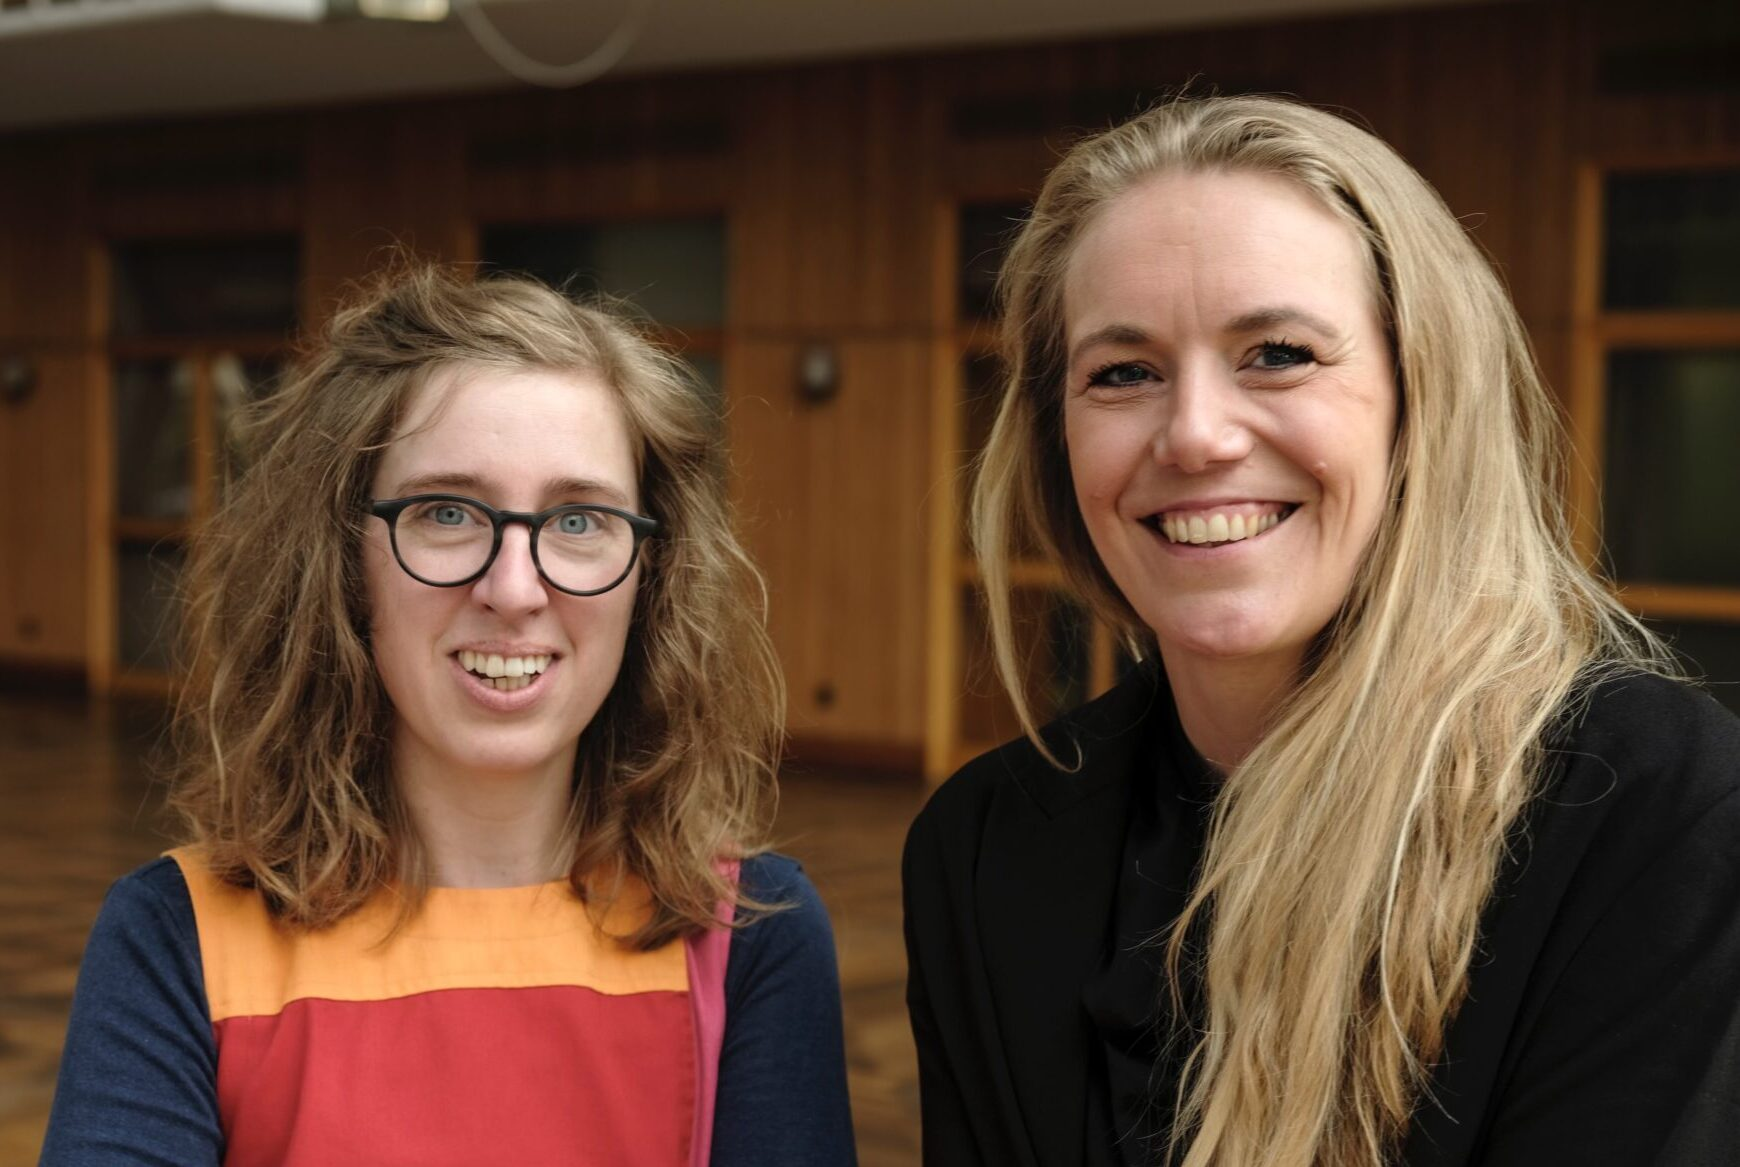 Mette Bjerre og Liv Gro Jensen er to af de tre stiftere af netværket. De er begge valgt til byrådet i Aarhus og arbejder på tværs af partiskel for at få flere kvinder til at gå ind i politik. Foto: Privat